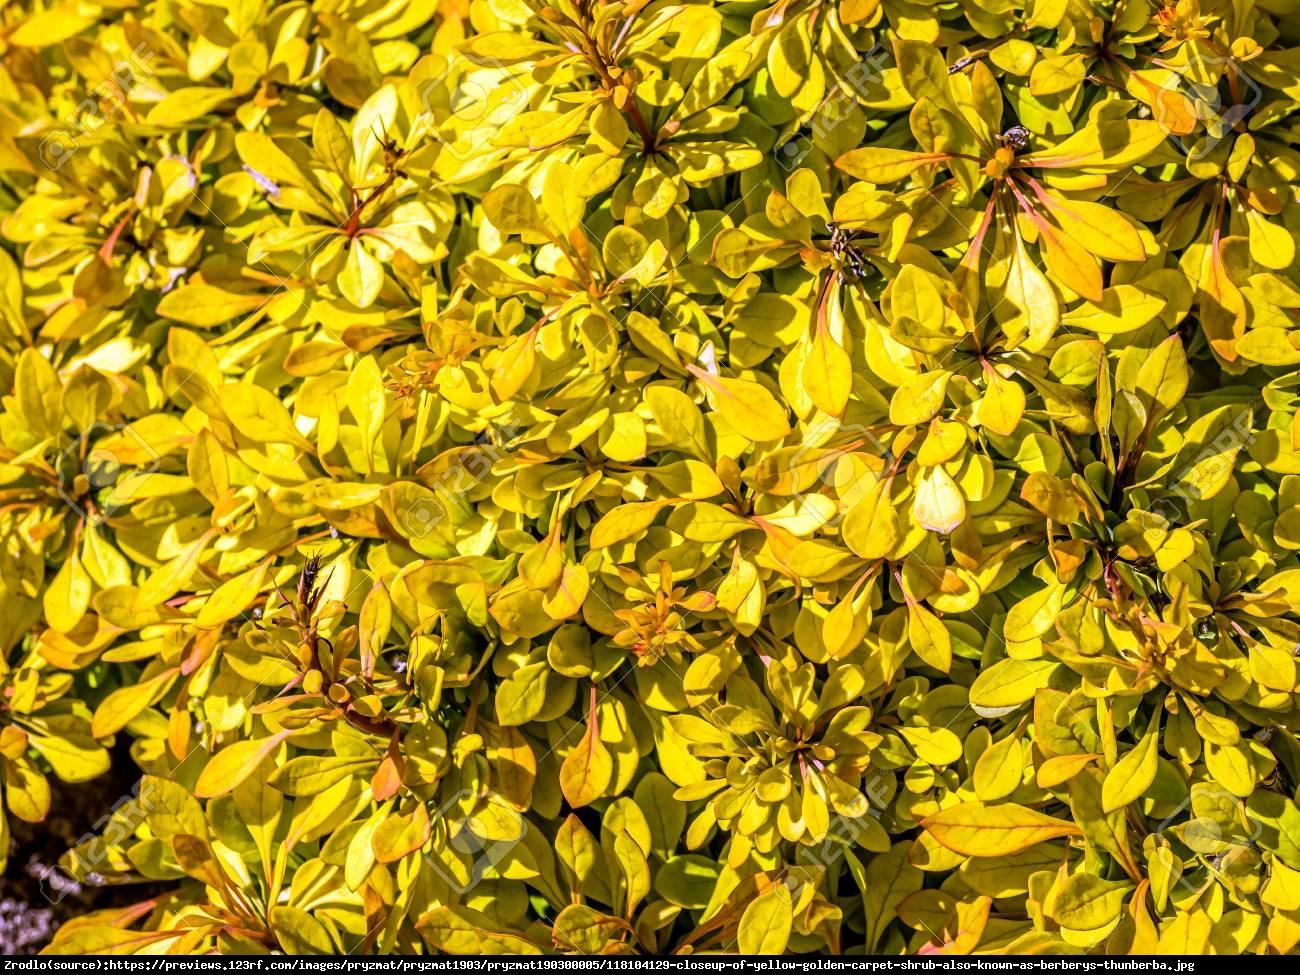 Berberys Thunberga Golden Carpet - Berberis thunbergii Golden Carpet